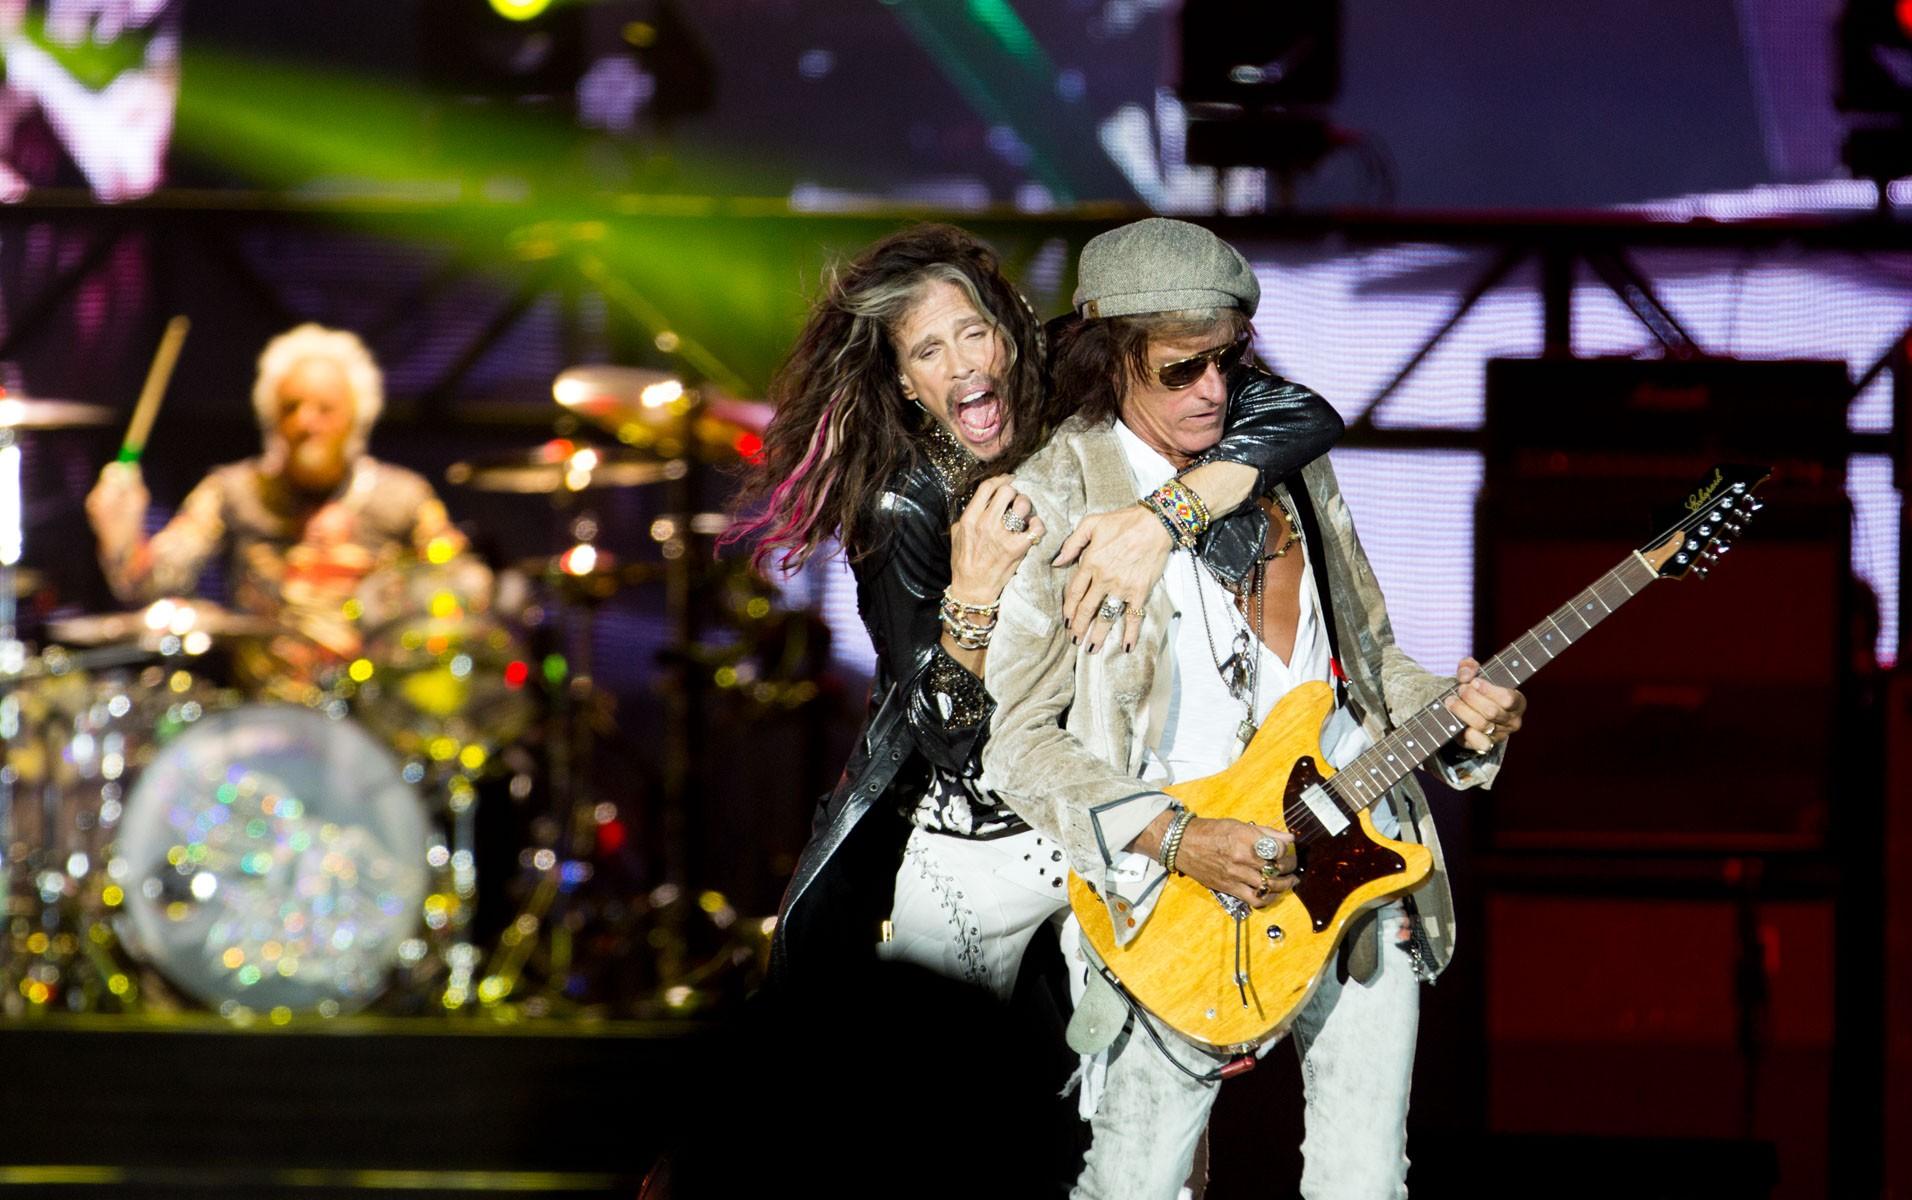 Steven Tyler arrebatou o pblico no Rock in Rio, antes de problema de sade que o fez encerrar a turn do Aerosmith antes da hora (Foto: Andr Figueiredo/Multishow)